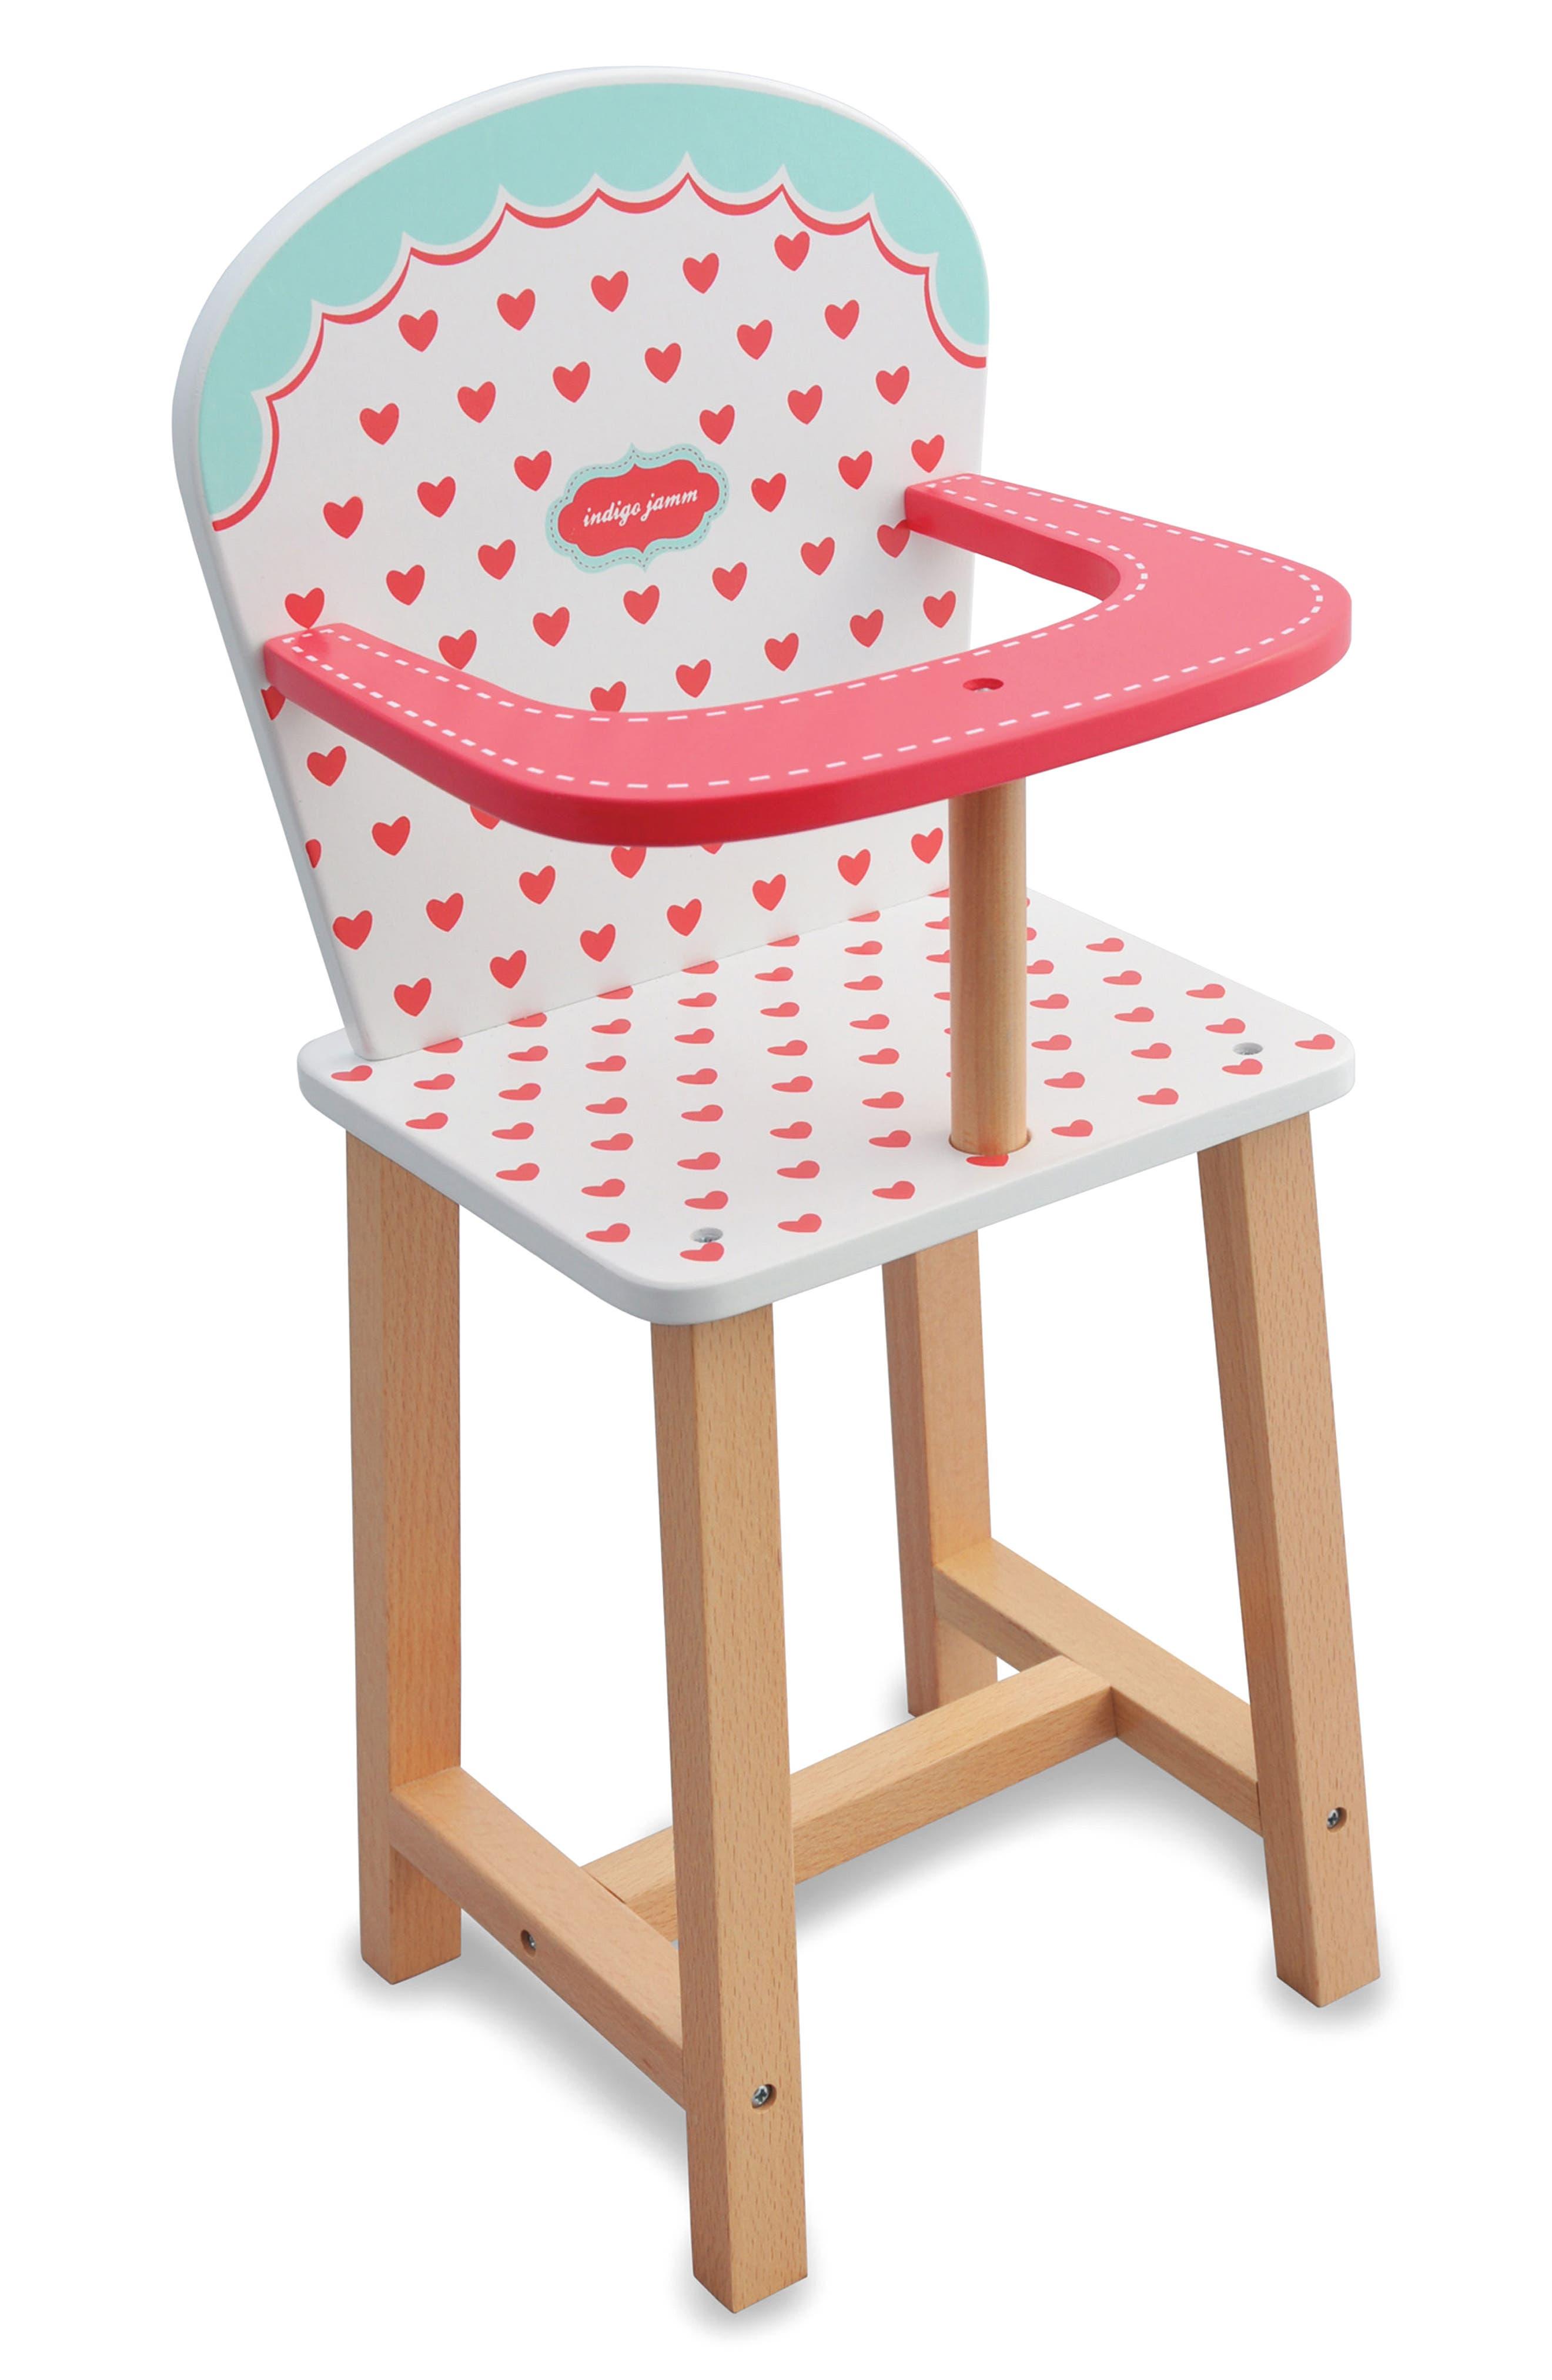 Main Image - Indigo Jamm Hearts Highchair